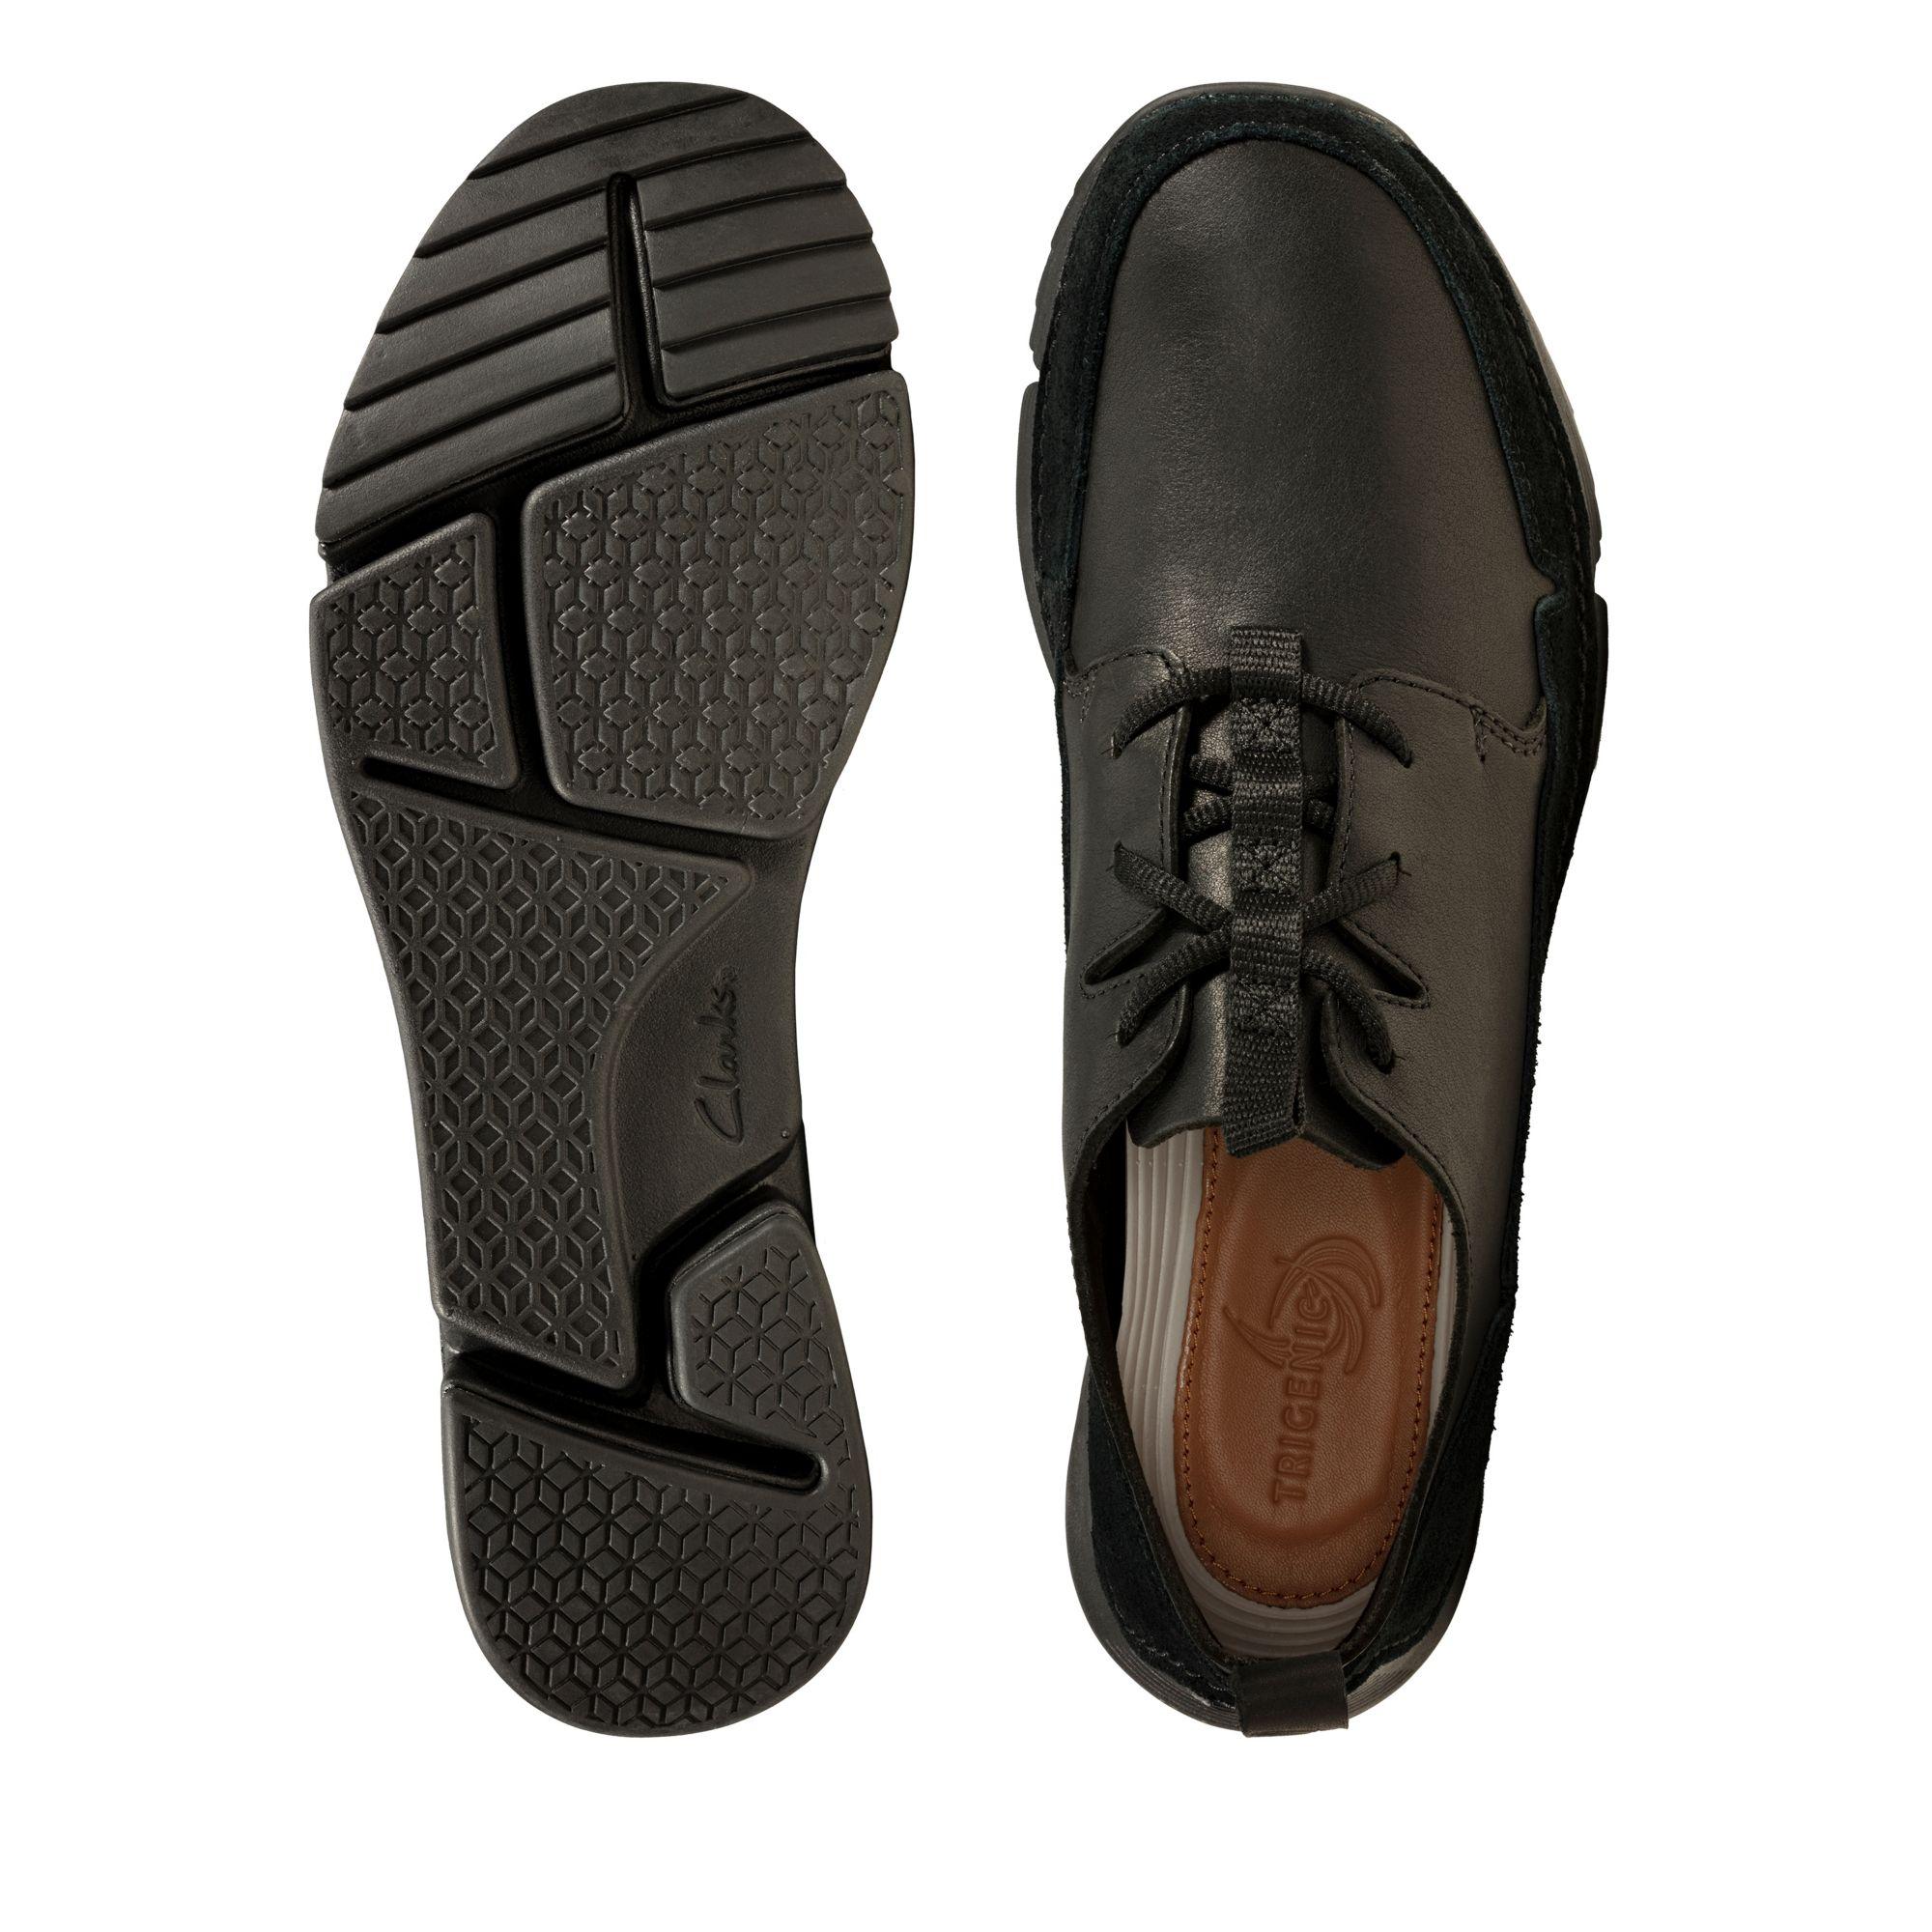 Мъжки спортни обувки Clarks Tri Solar от естествена кожа черни - снимки 7